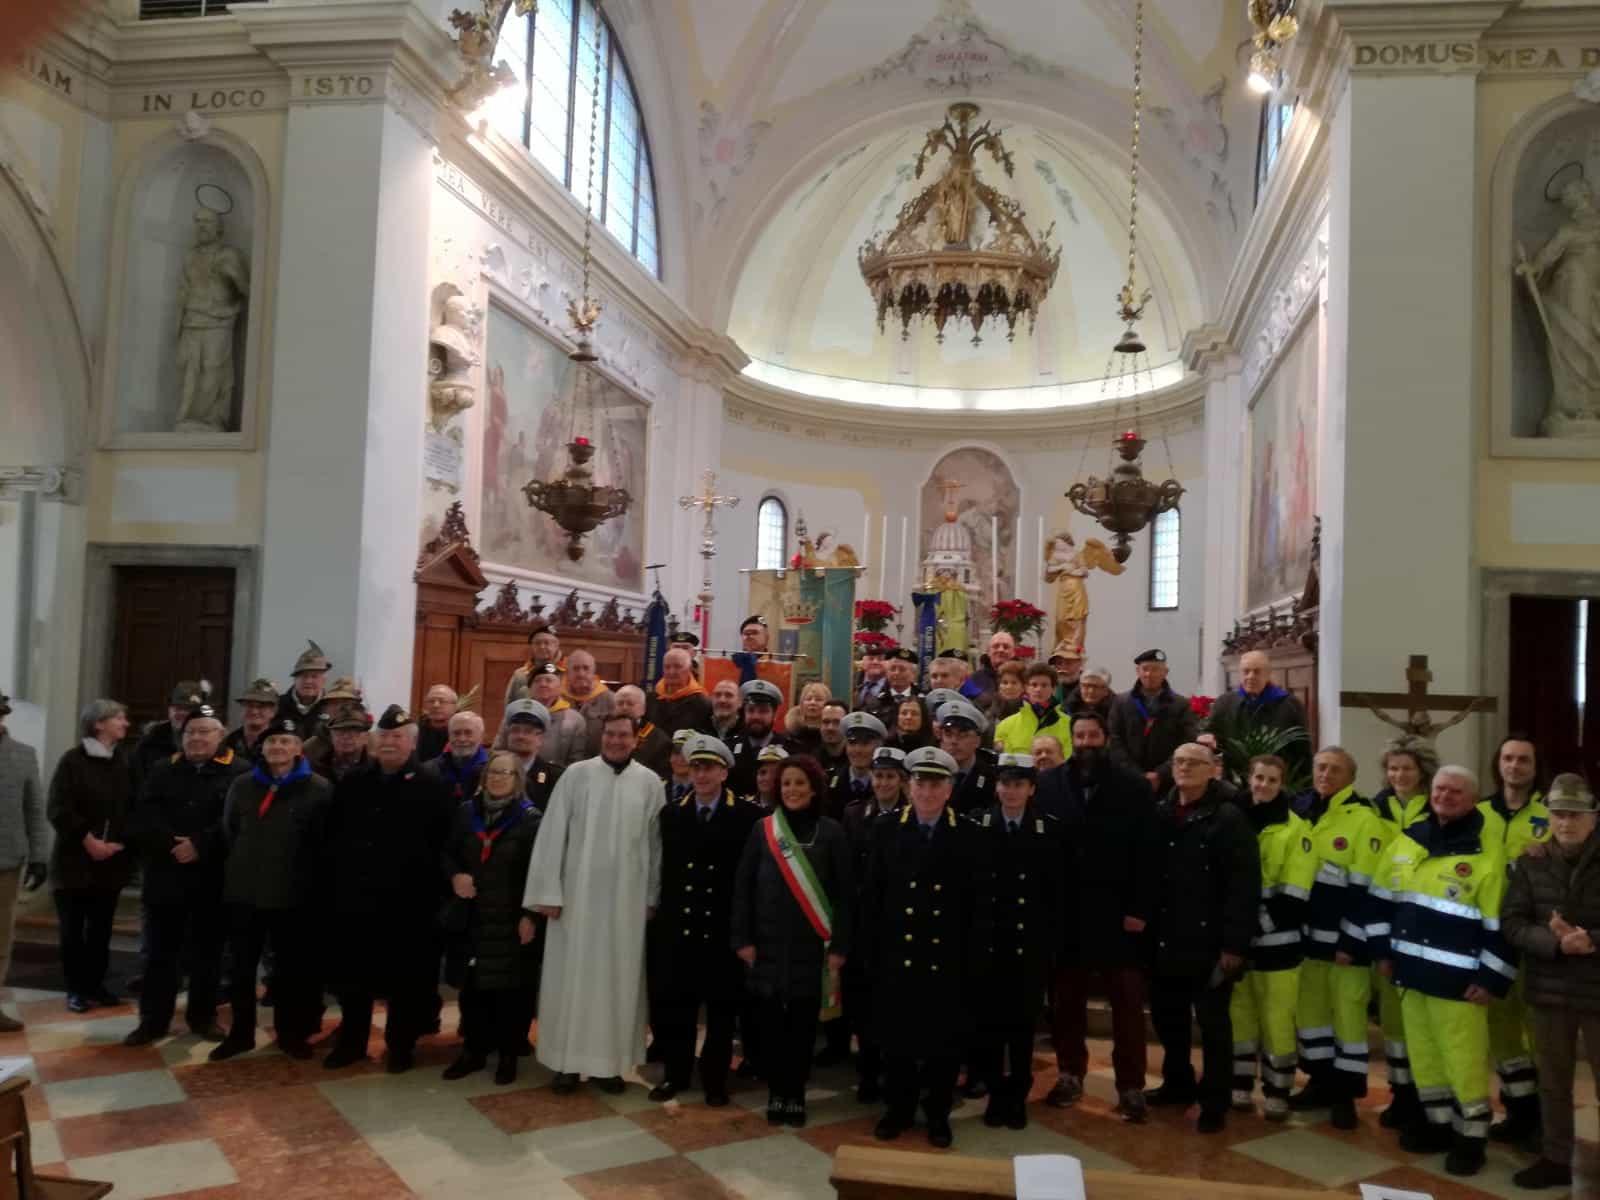 COMUNE DI MOGLIANO-Polizia Locale-Cerimonia Patrono-2-2